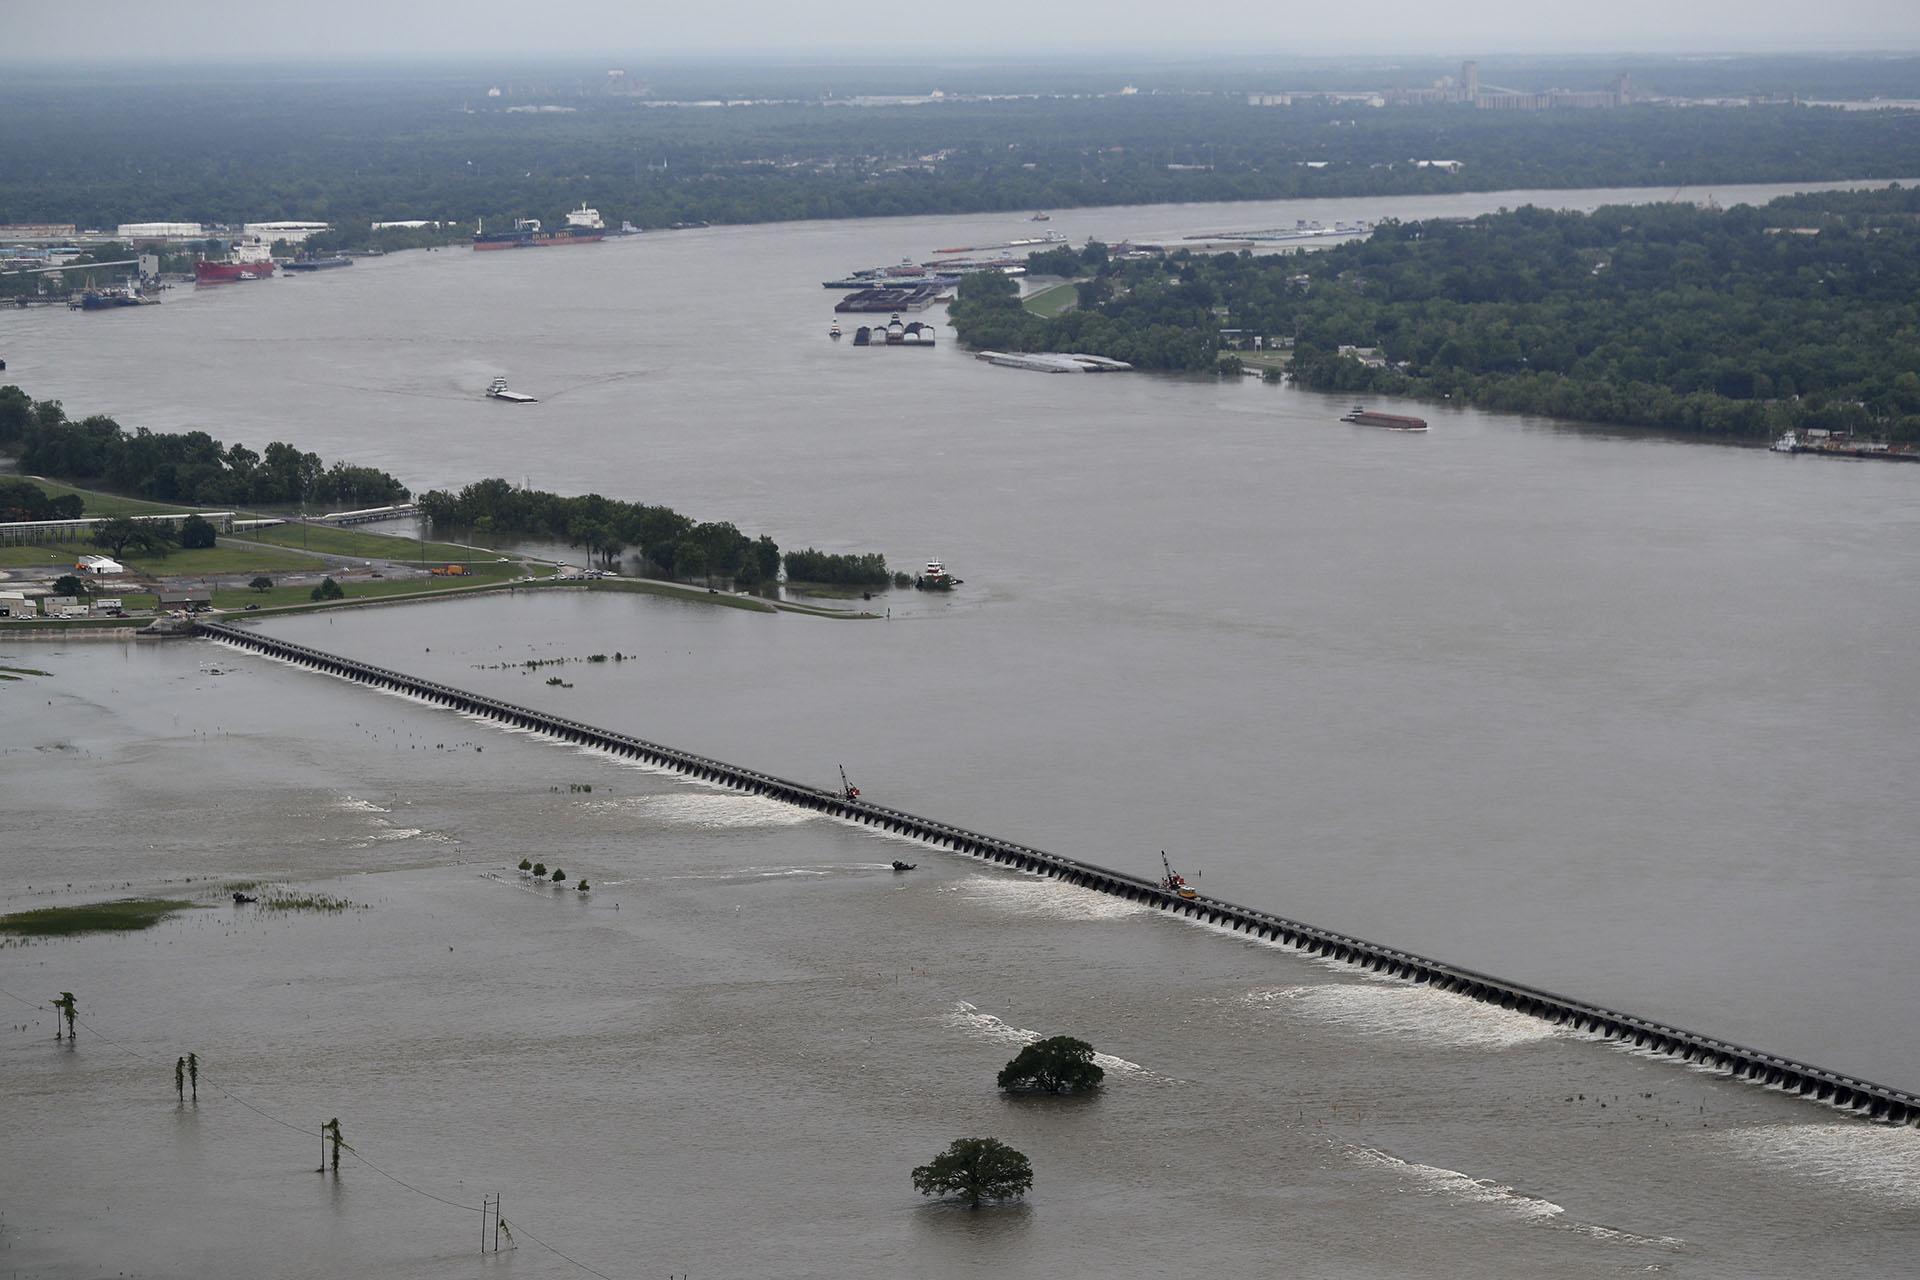 Las lluvias torrenciales en Luisiana provocaron un aumento tan rápido en el nivel del agua del río que el Cuerpo de Ingenieros del Ejército está abrió el Bonnet Carre Spillway cuatro días antes de lo previsto. El río subió 15 centímetros en 24 horas la semana pasada, y se espera que llueva aún más hasta fines de mes. (AP)